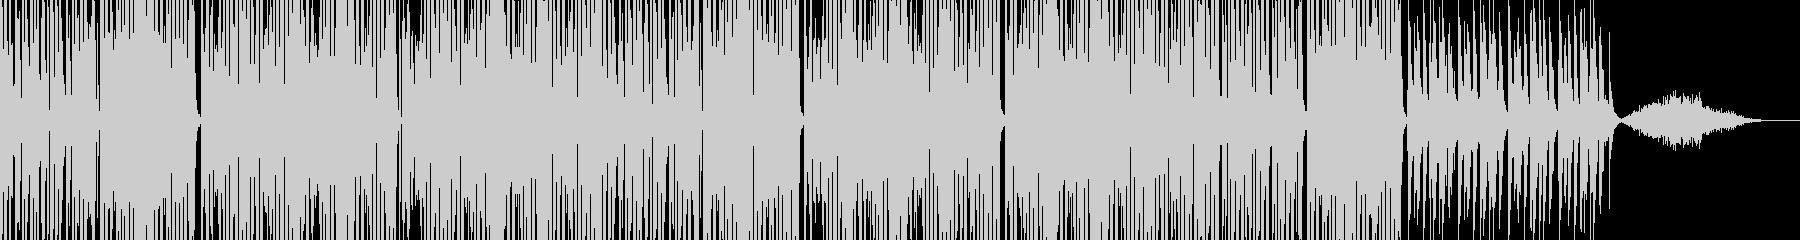 重低音の変速ビートのシンセサイザーの曲の未再生の波形